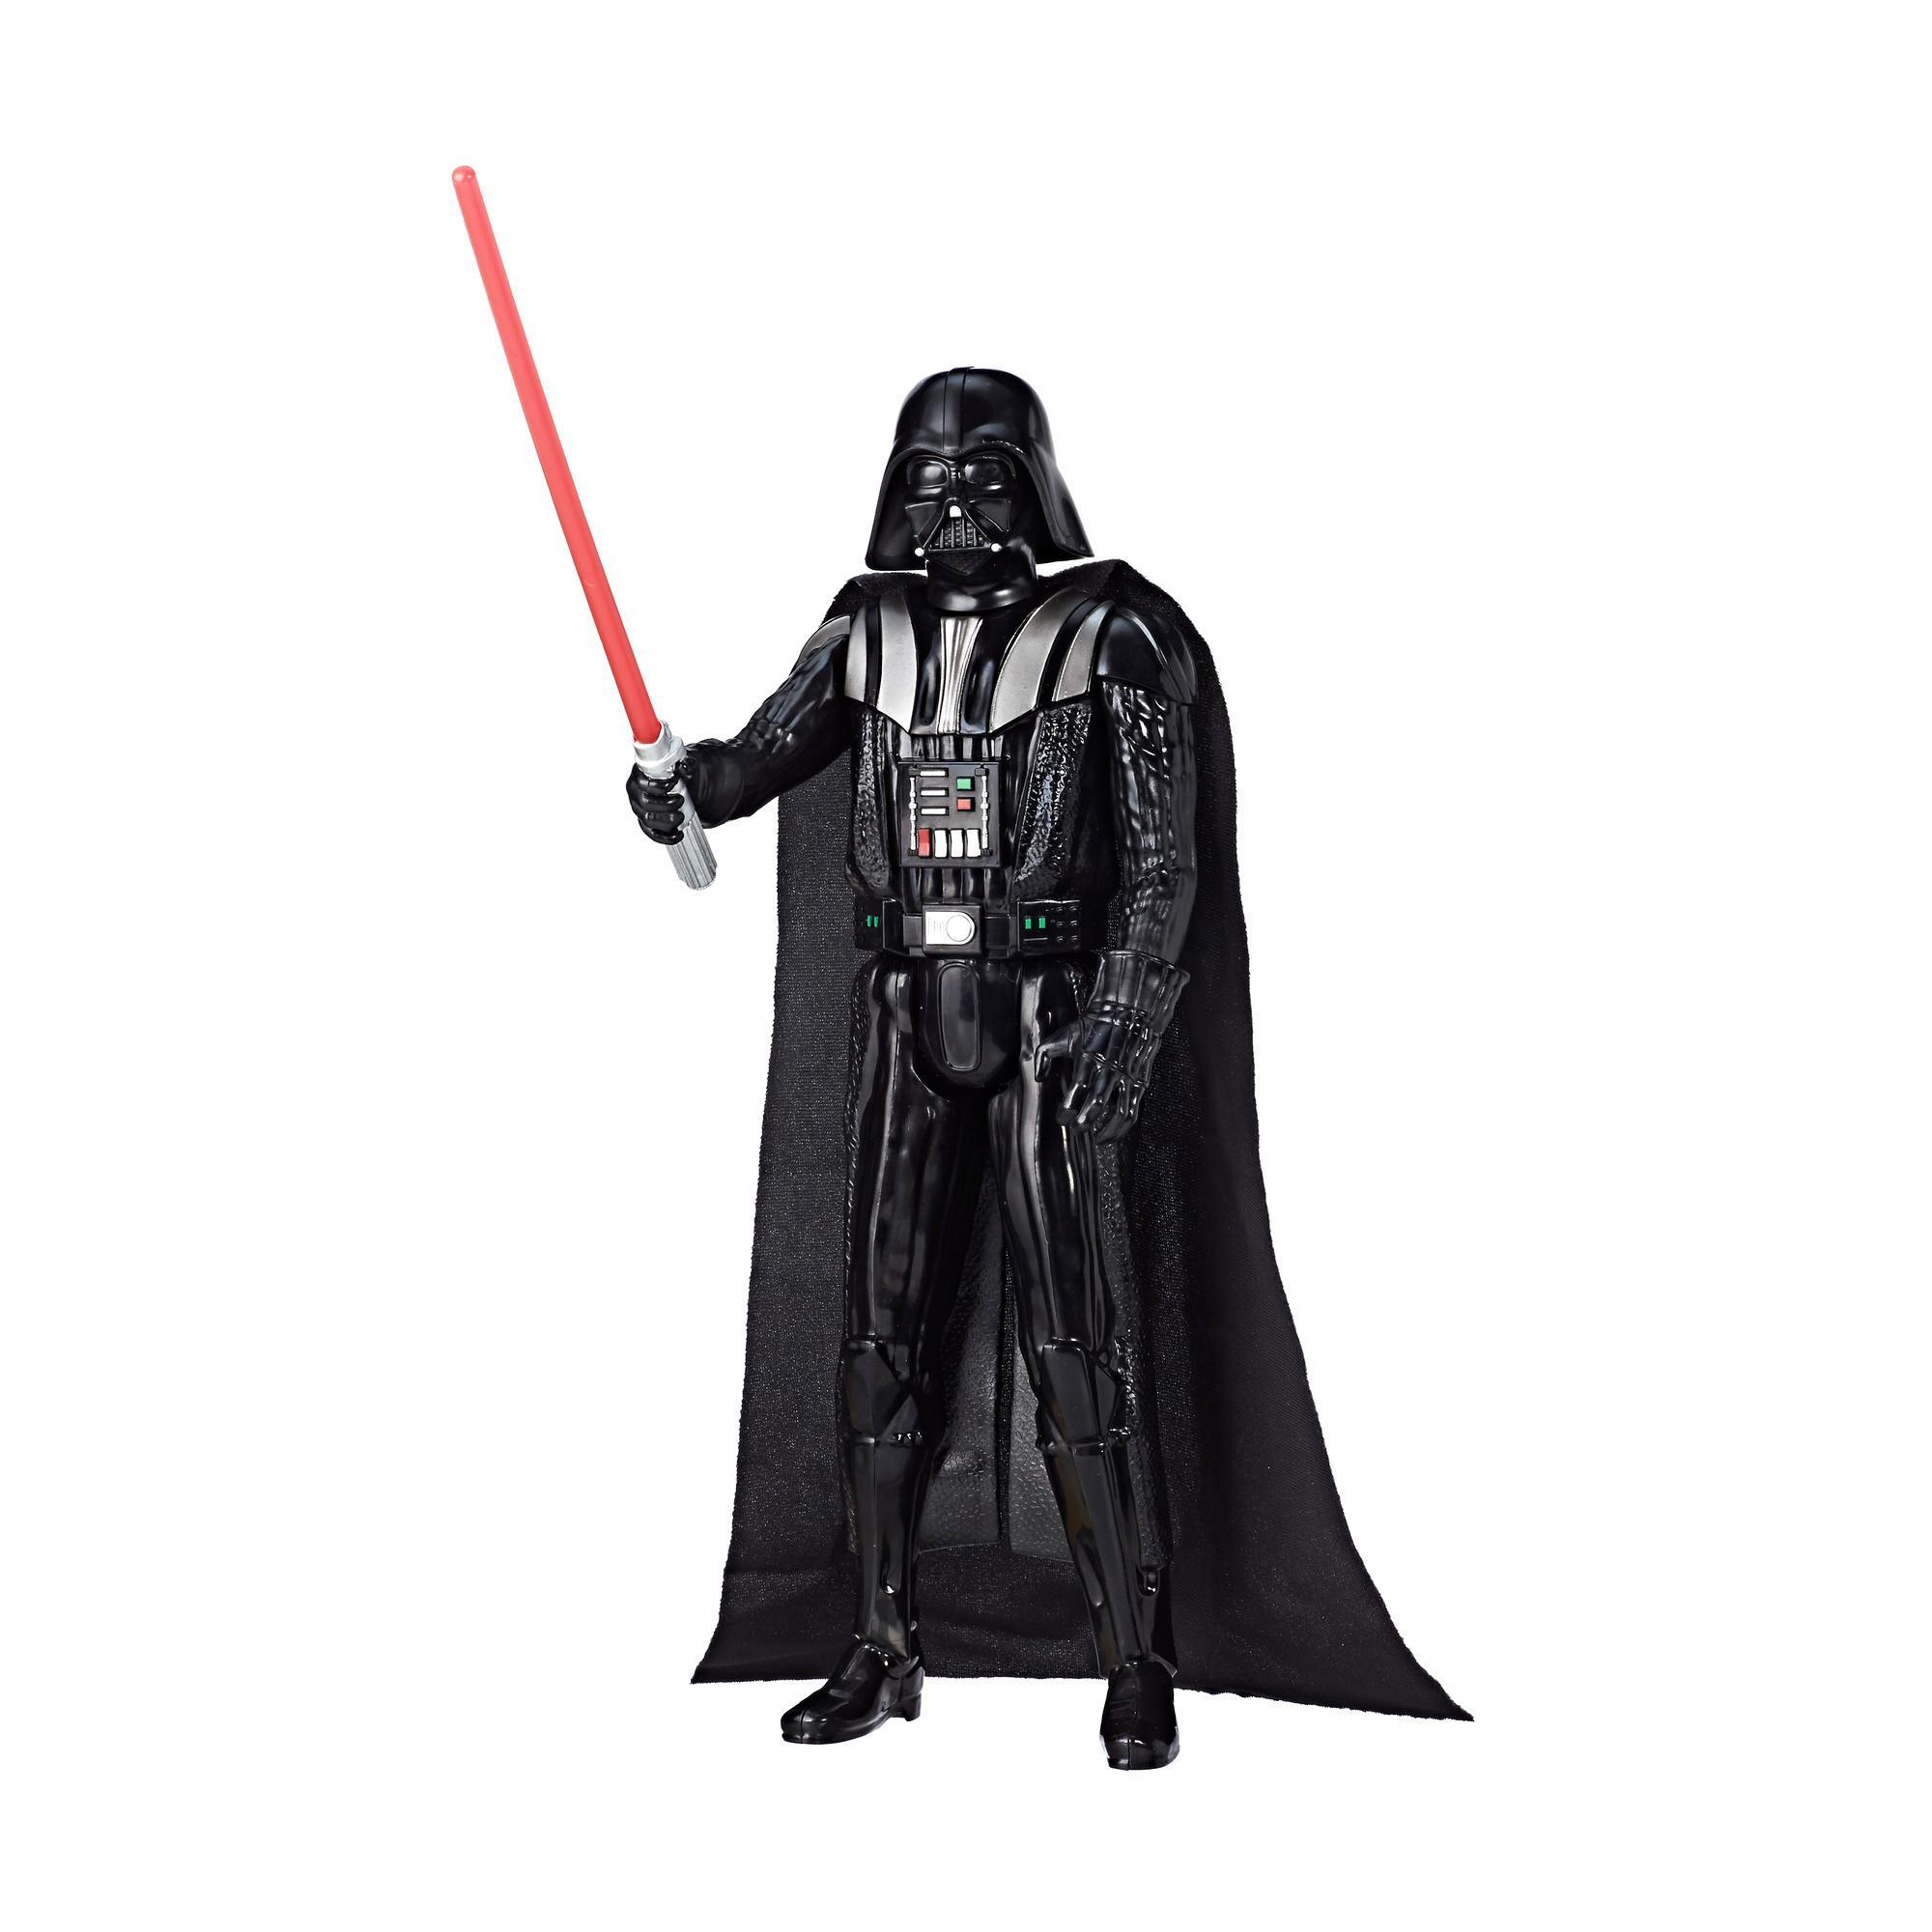 Star Wars : La revanche des Sith - Figurine Darth Vader de 30 cm